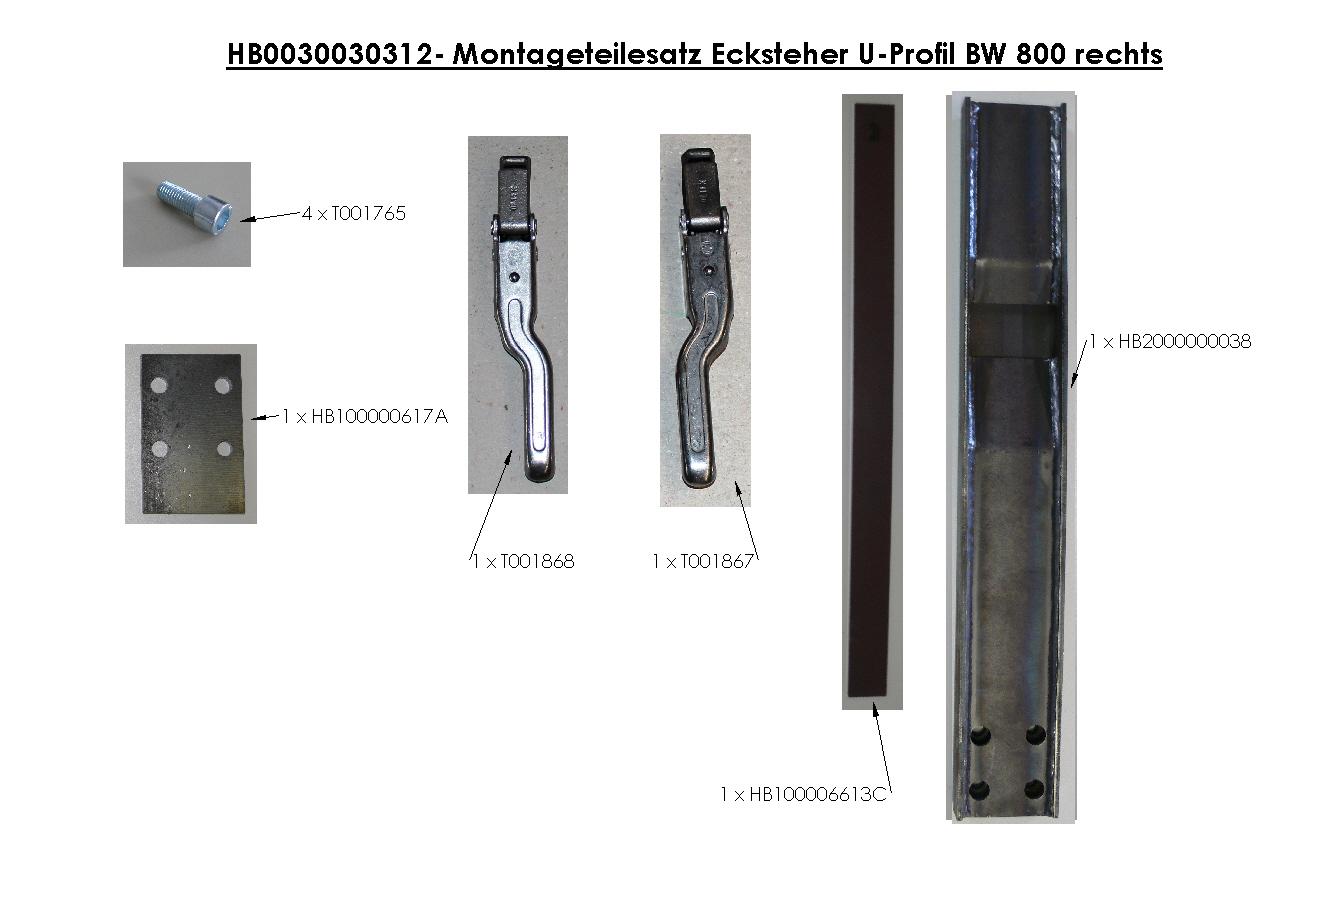 Brantner Kipper und Anhänger - BW-Zubehör f. 3-SK mit Ecksteher U-Profil Höhe 800